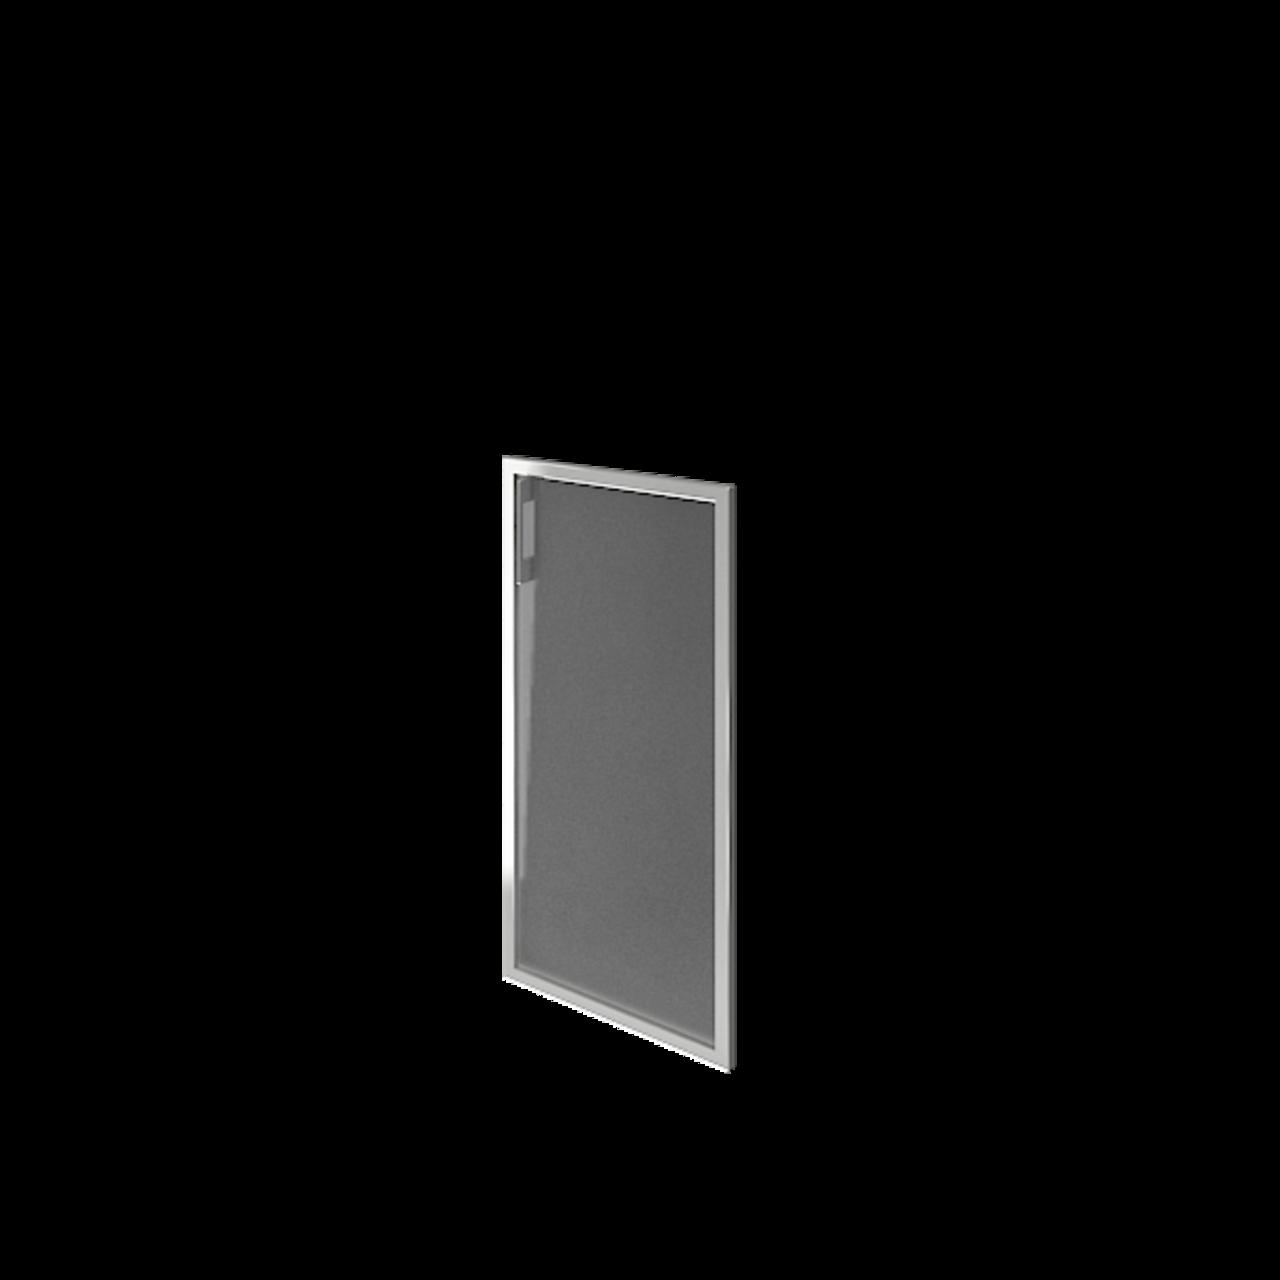 Дверь стекло в раме низкое правая - фото 3